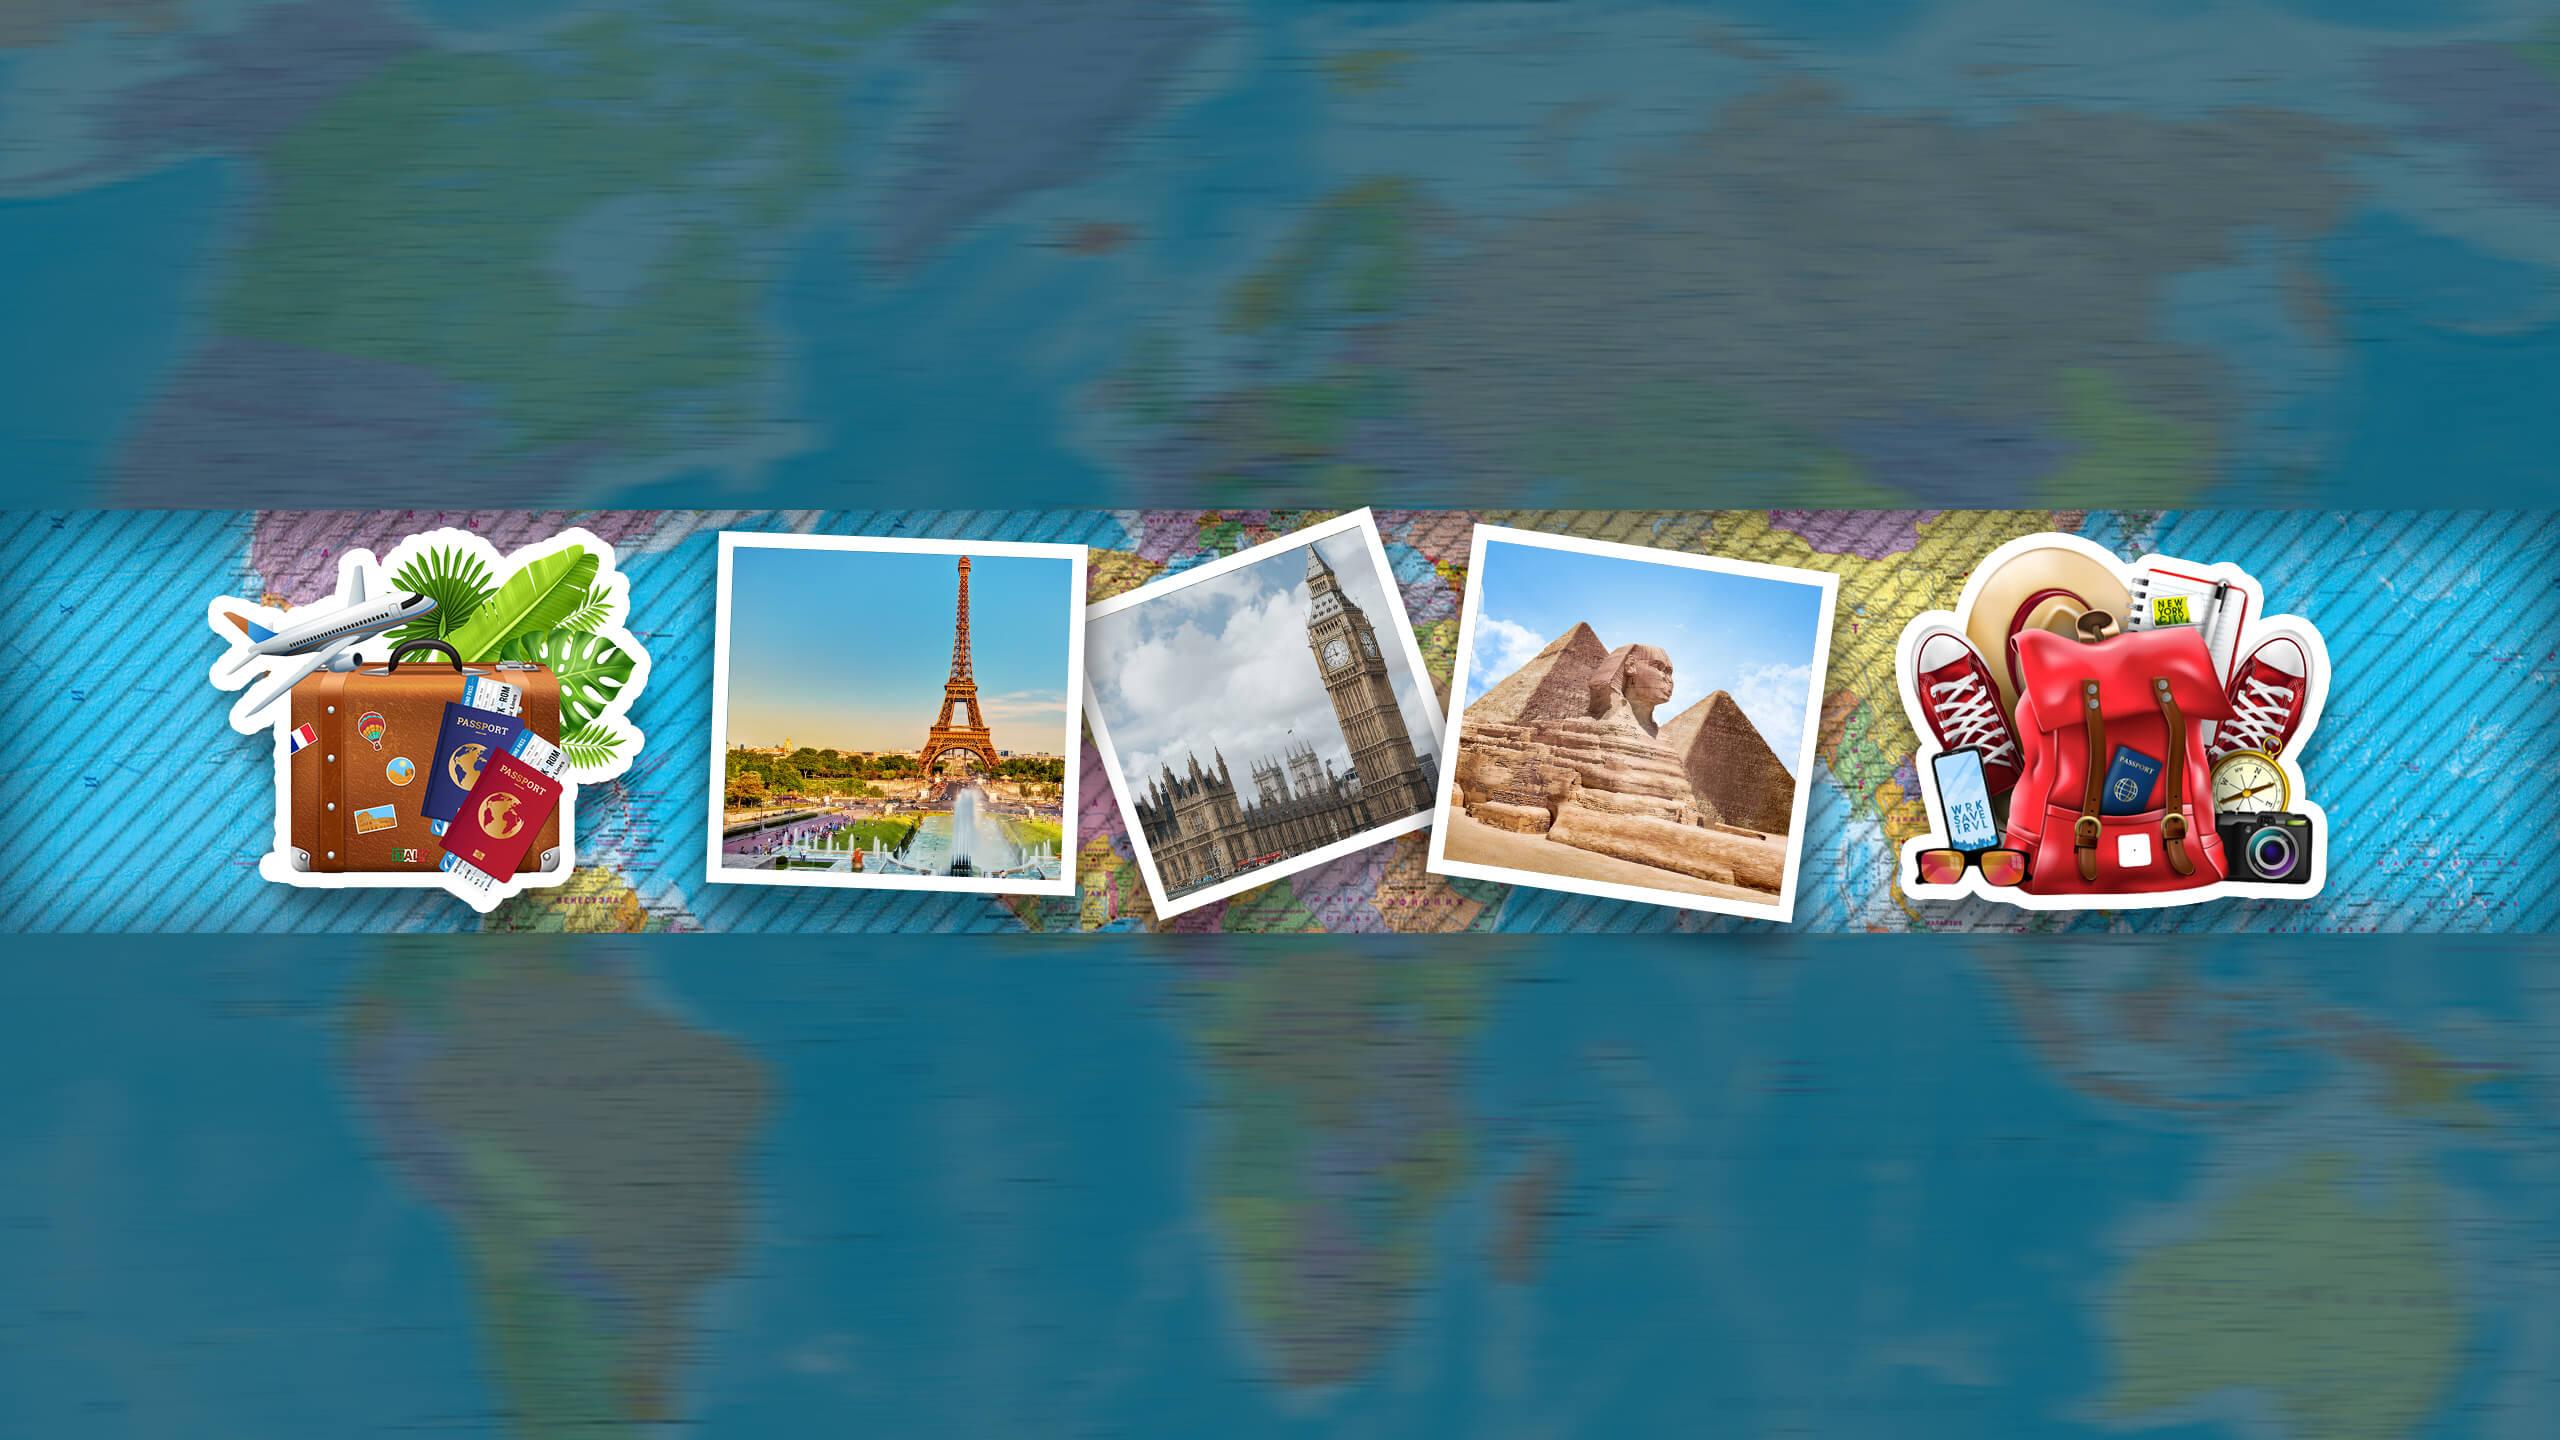 Картинка стикеры туриста с фото на фоне карты мира